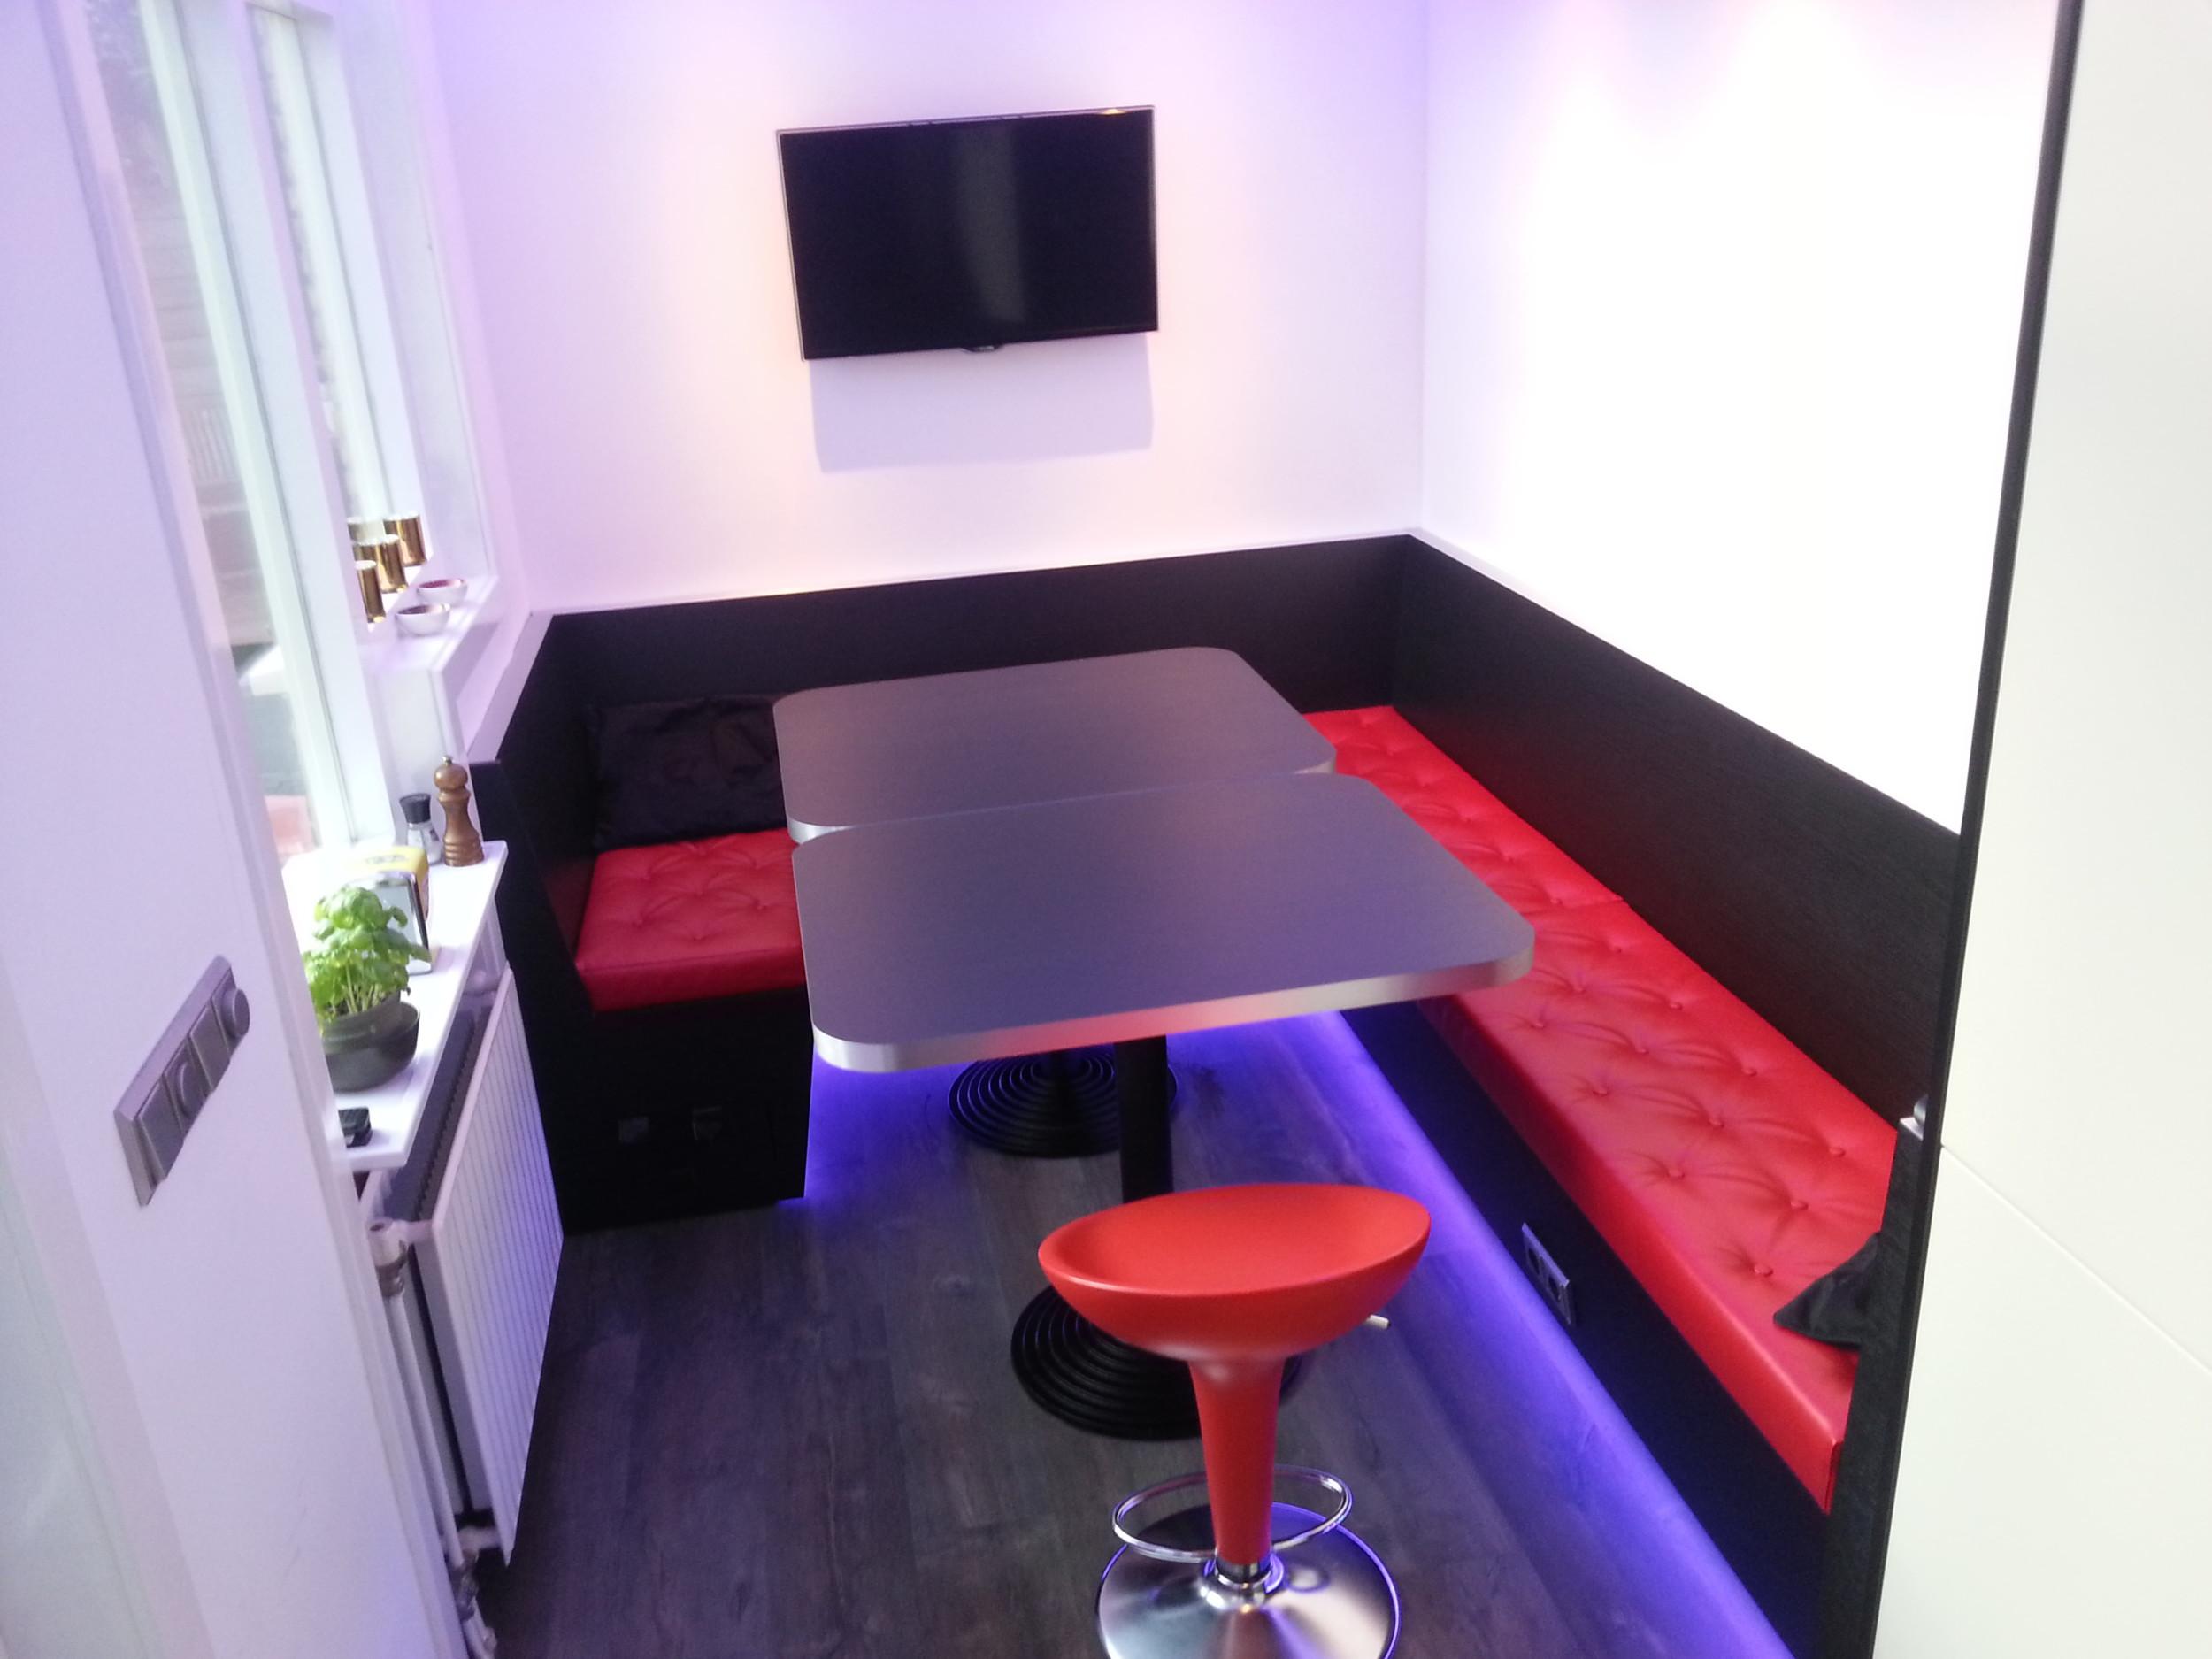 Hoekbank Keuken Op Maat : hoekbank in keuken voorzien van RGB led verlichting